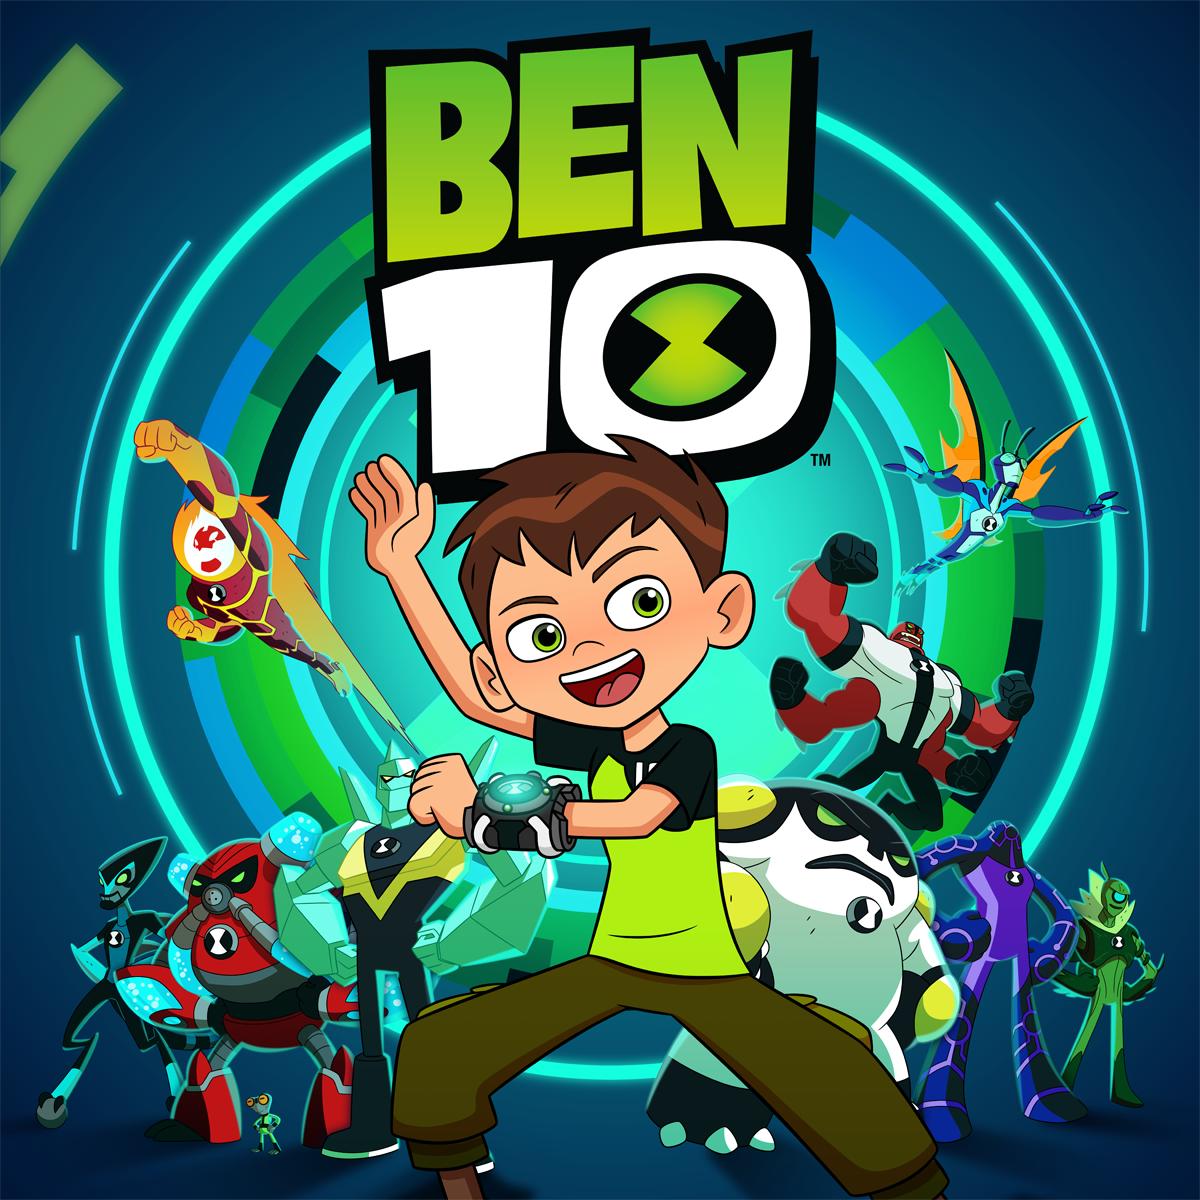 Ben 10 Reboot 2016 Hindi Episodes